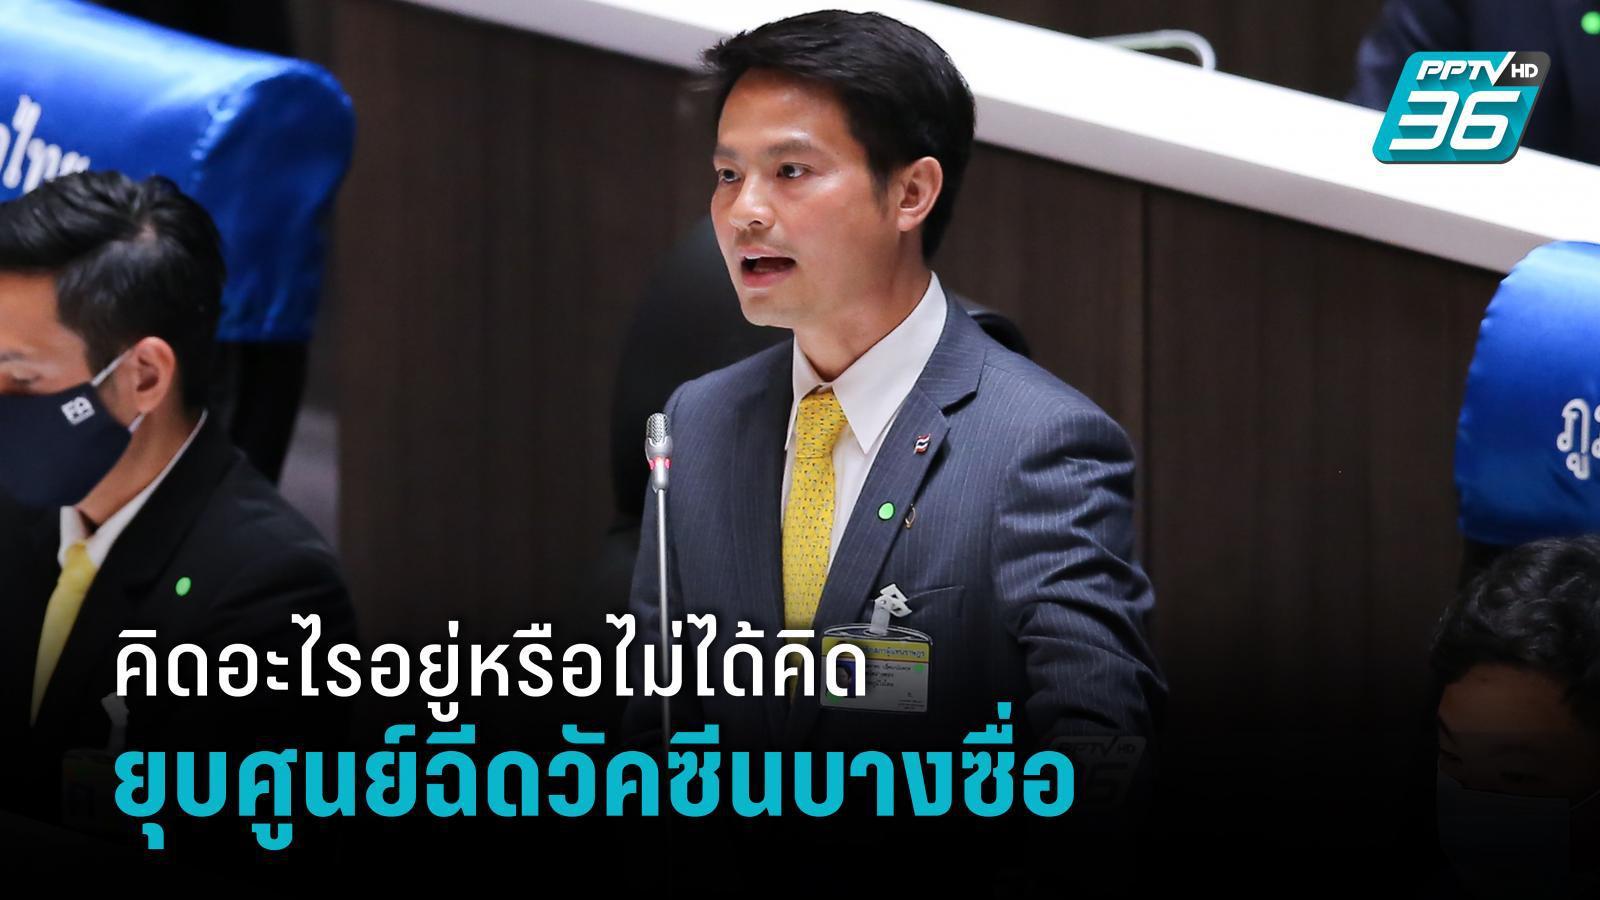 โฆษกภูมิใจไทย ถาม ศบค. คิดอะไรอยู่หรือไม่ได้คิด ข่าวยุบศูนย์ฉีดวัคซีนบางซื่อ